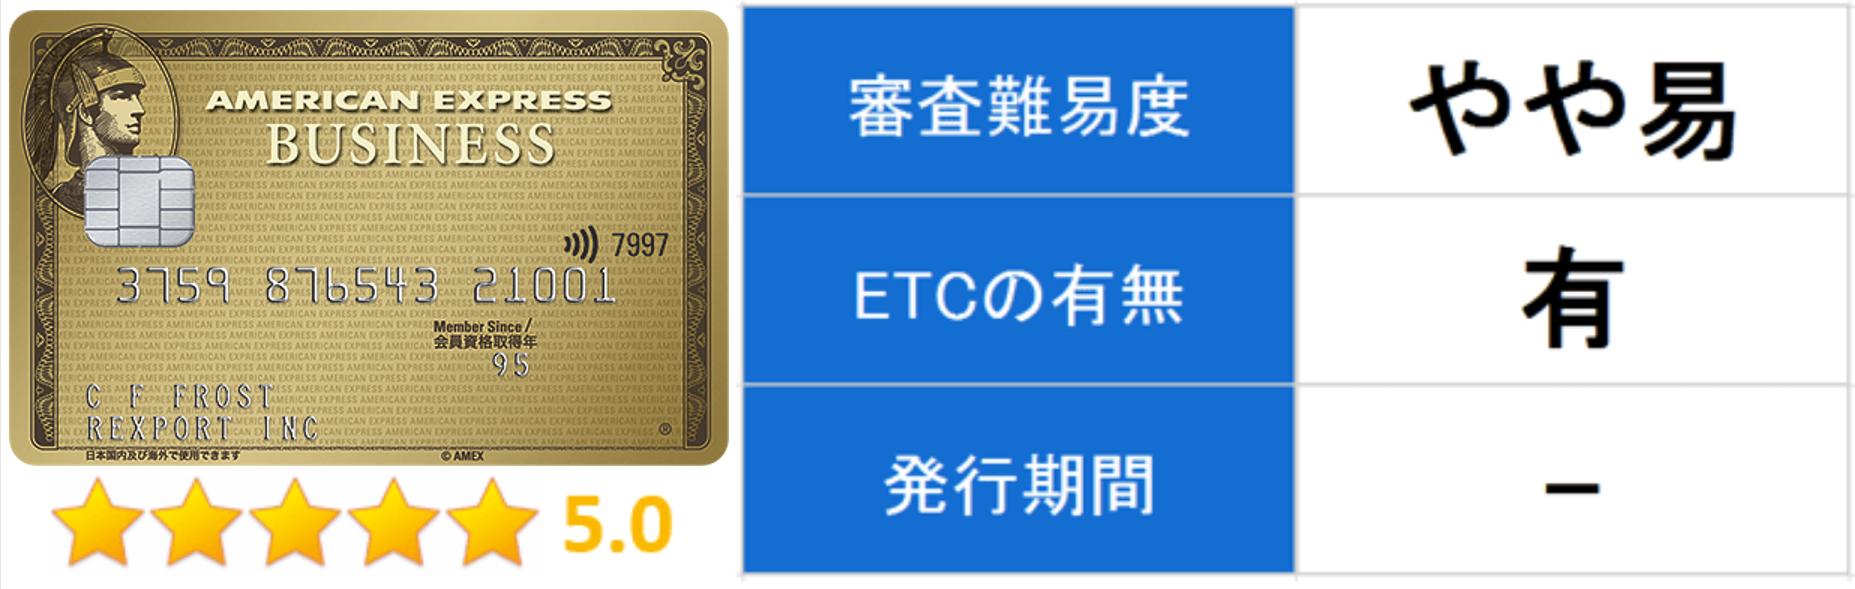 アメリカン・エキスプレス・ビジネス・ゴールド・カード メイン